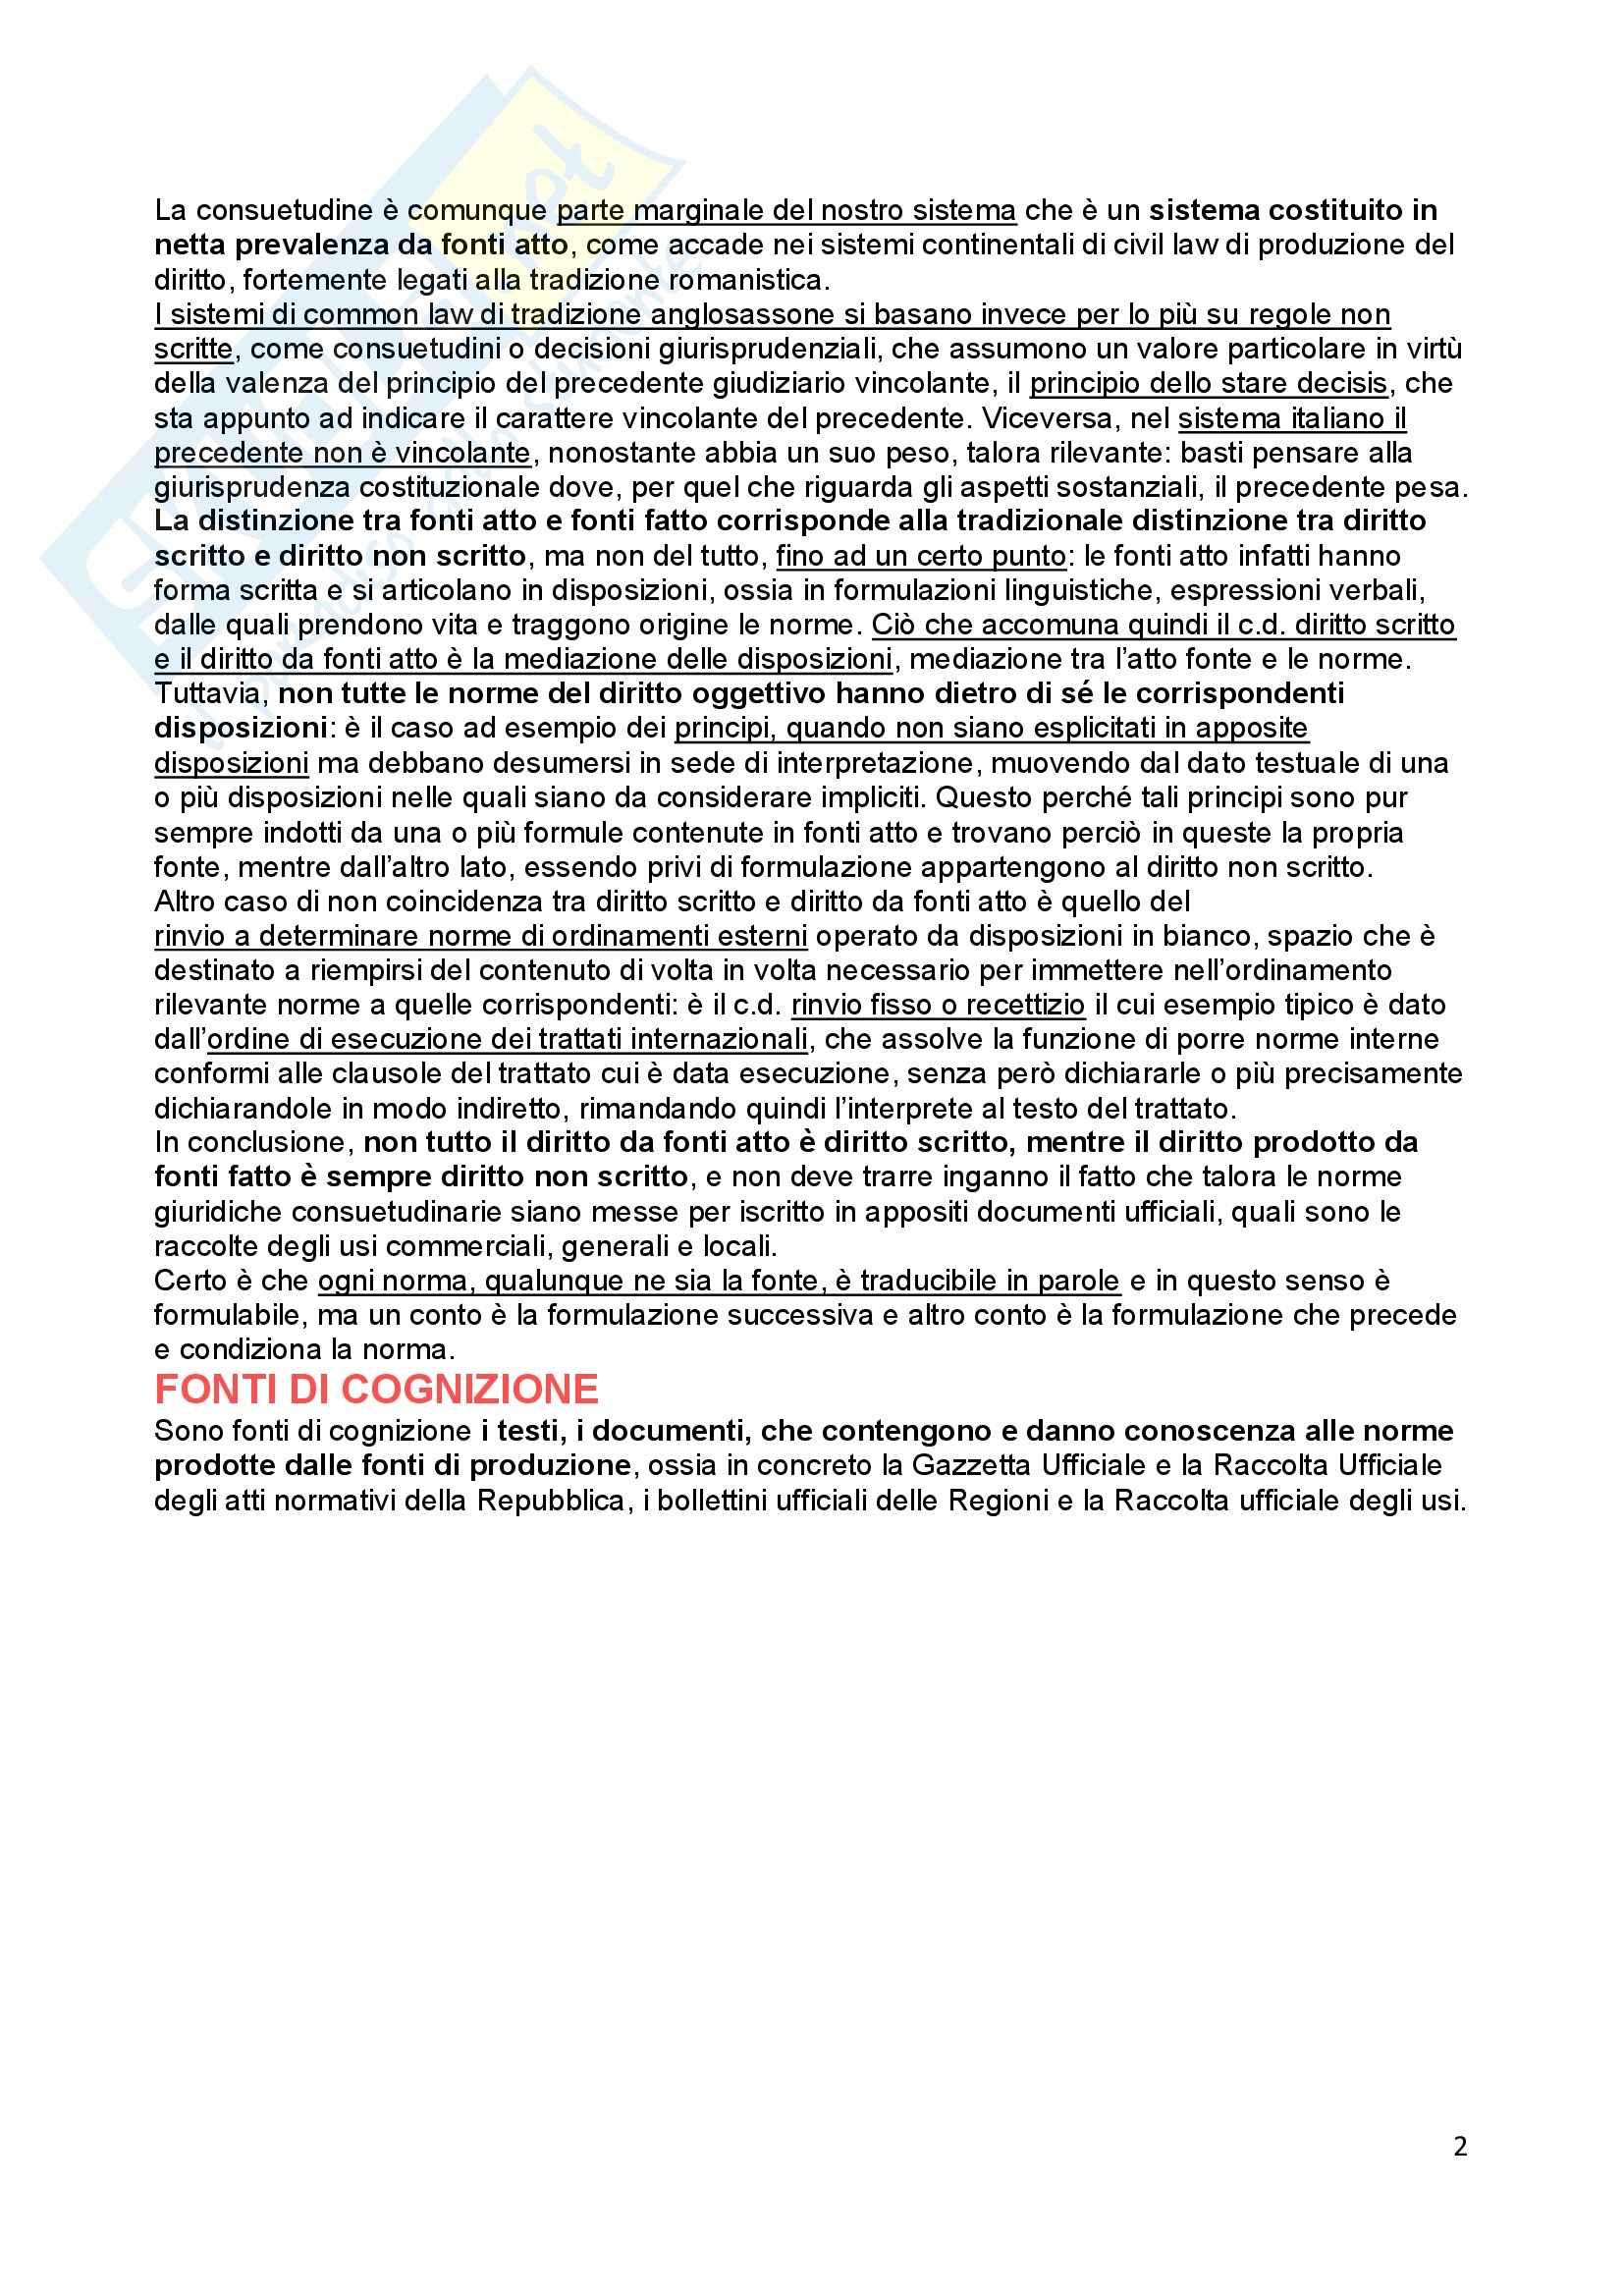 Diritto costituzionale - Le Fonti Pag. 2